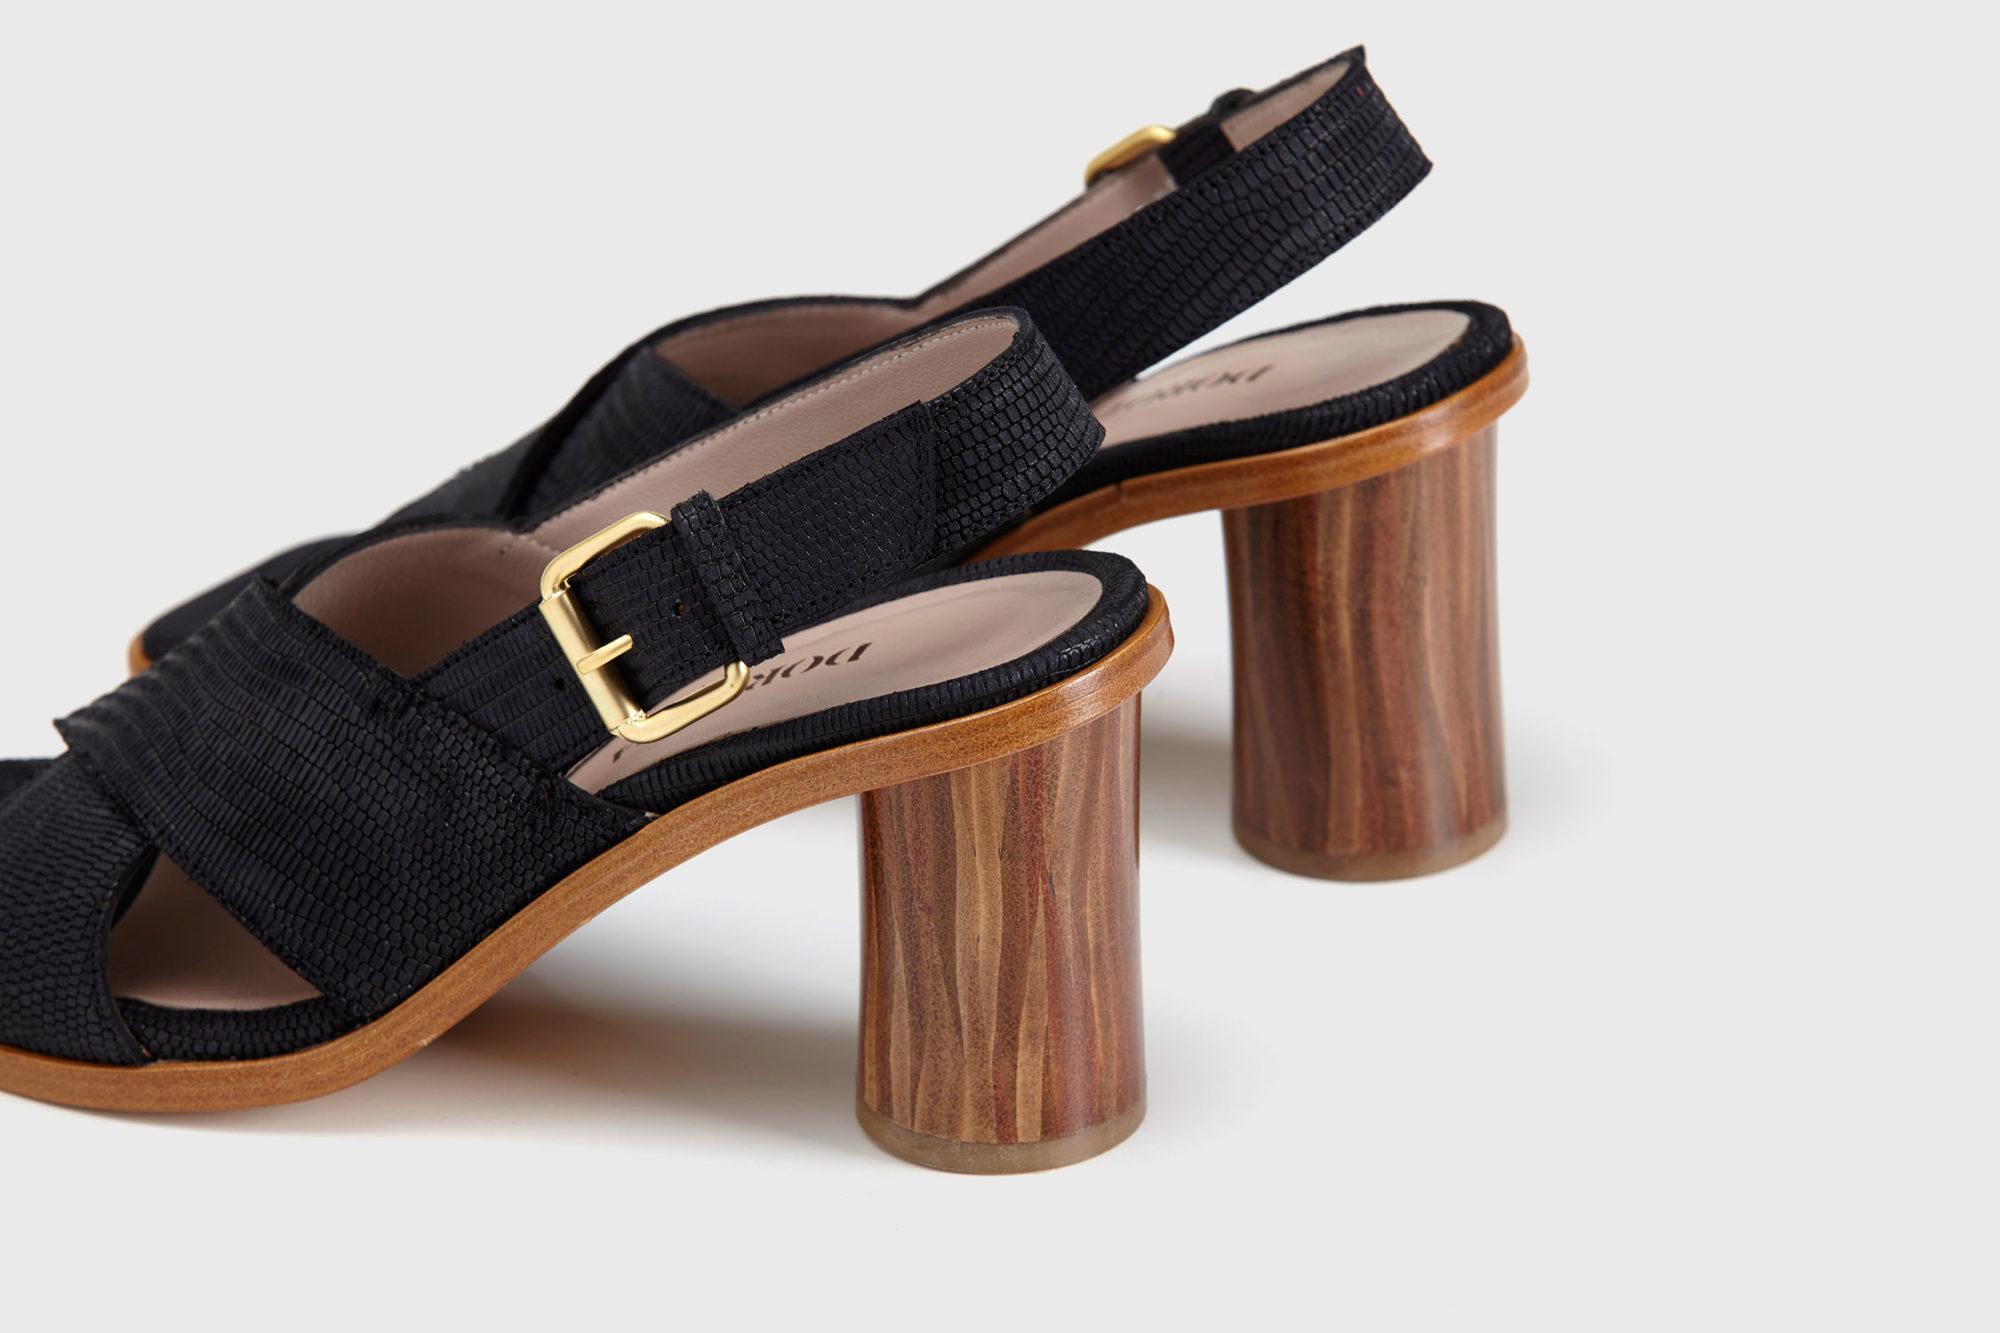 Dorotea sandalia de tacón alto jazz negra ss17 detalle